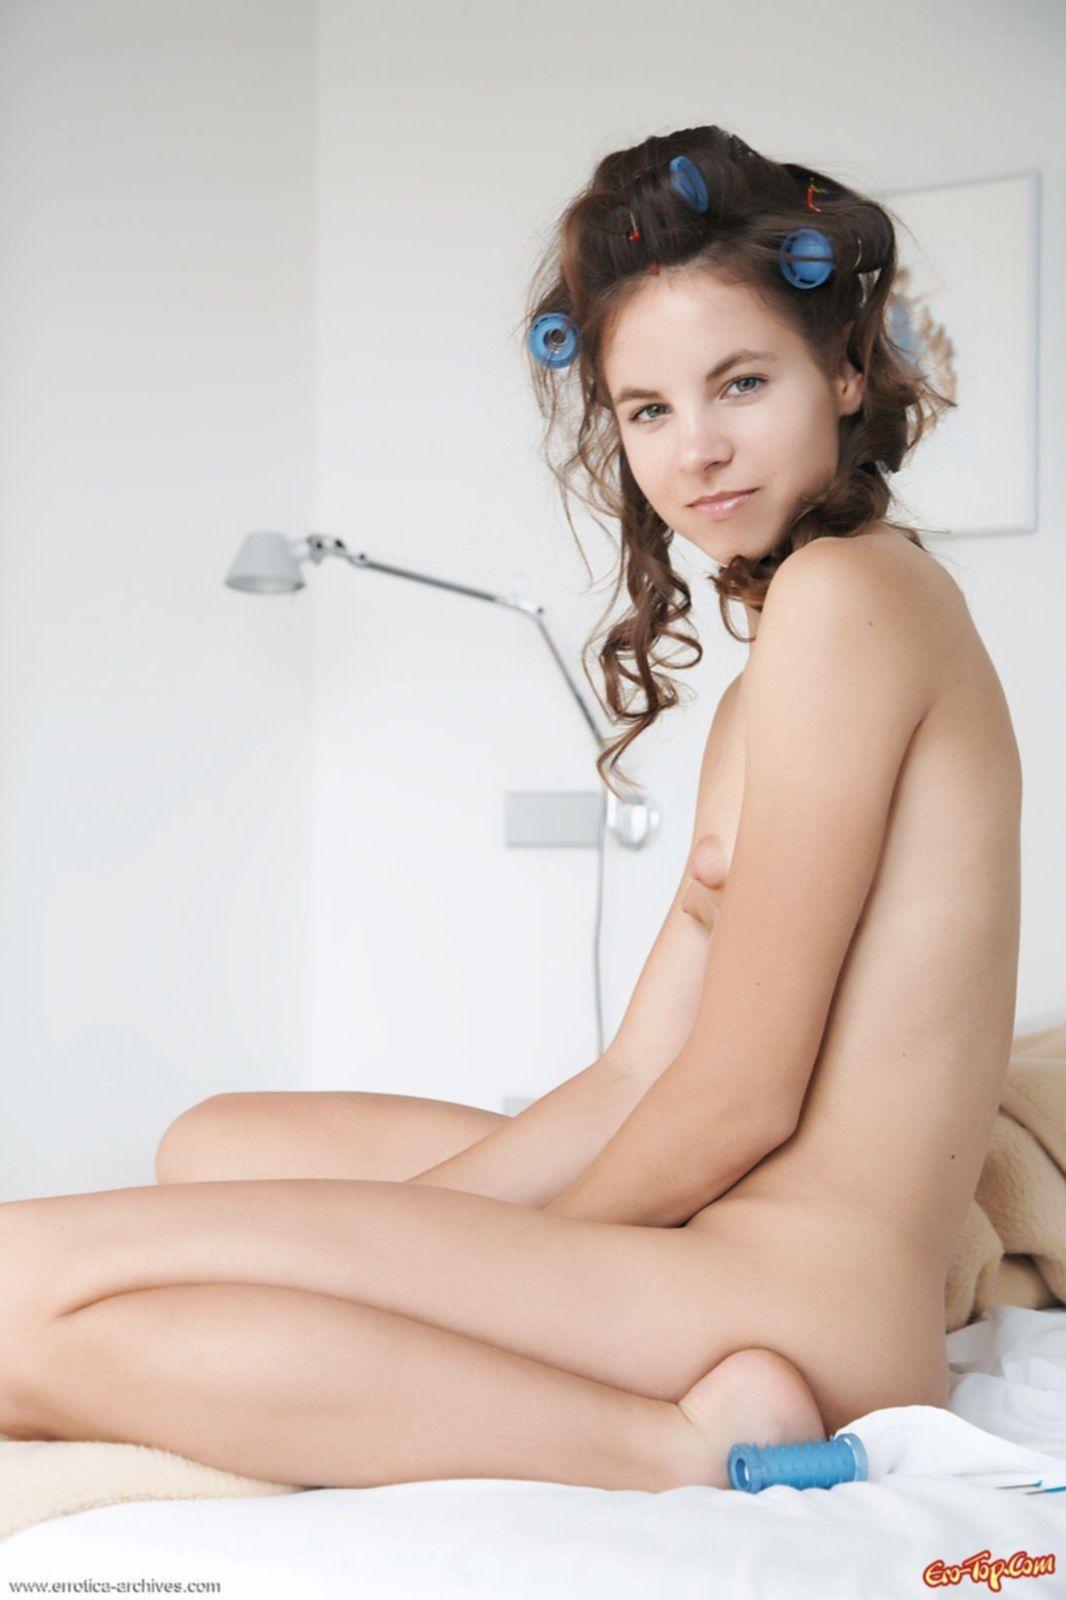 Голая девушка с утра - фото эротика.